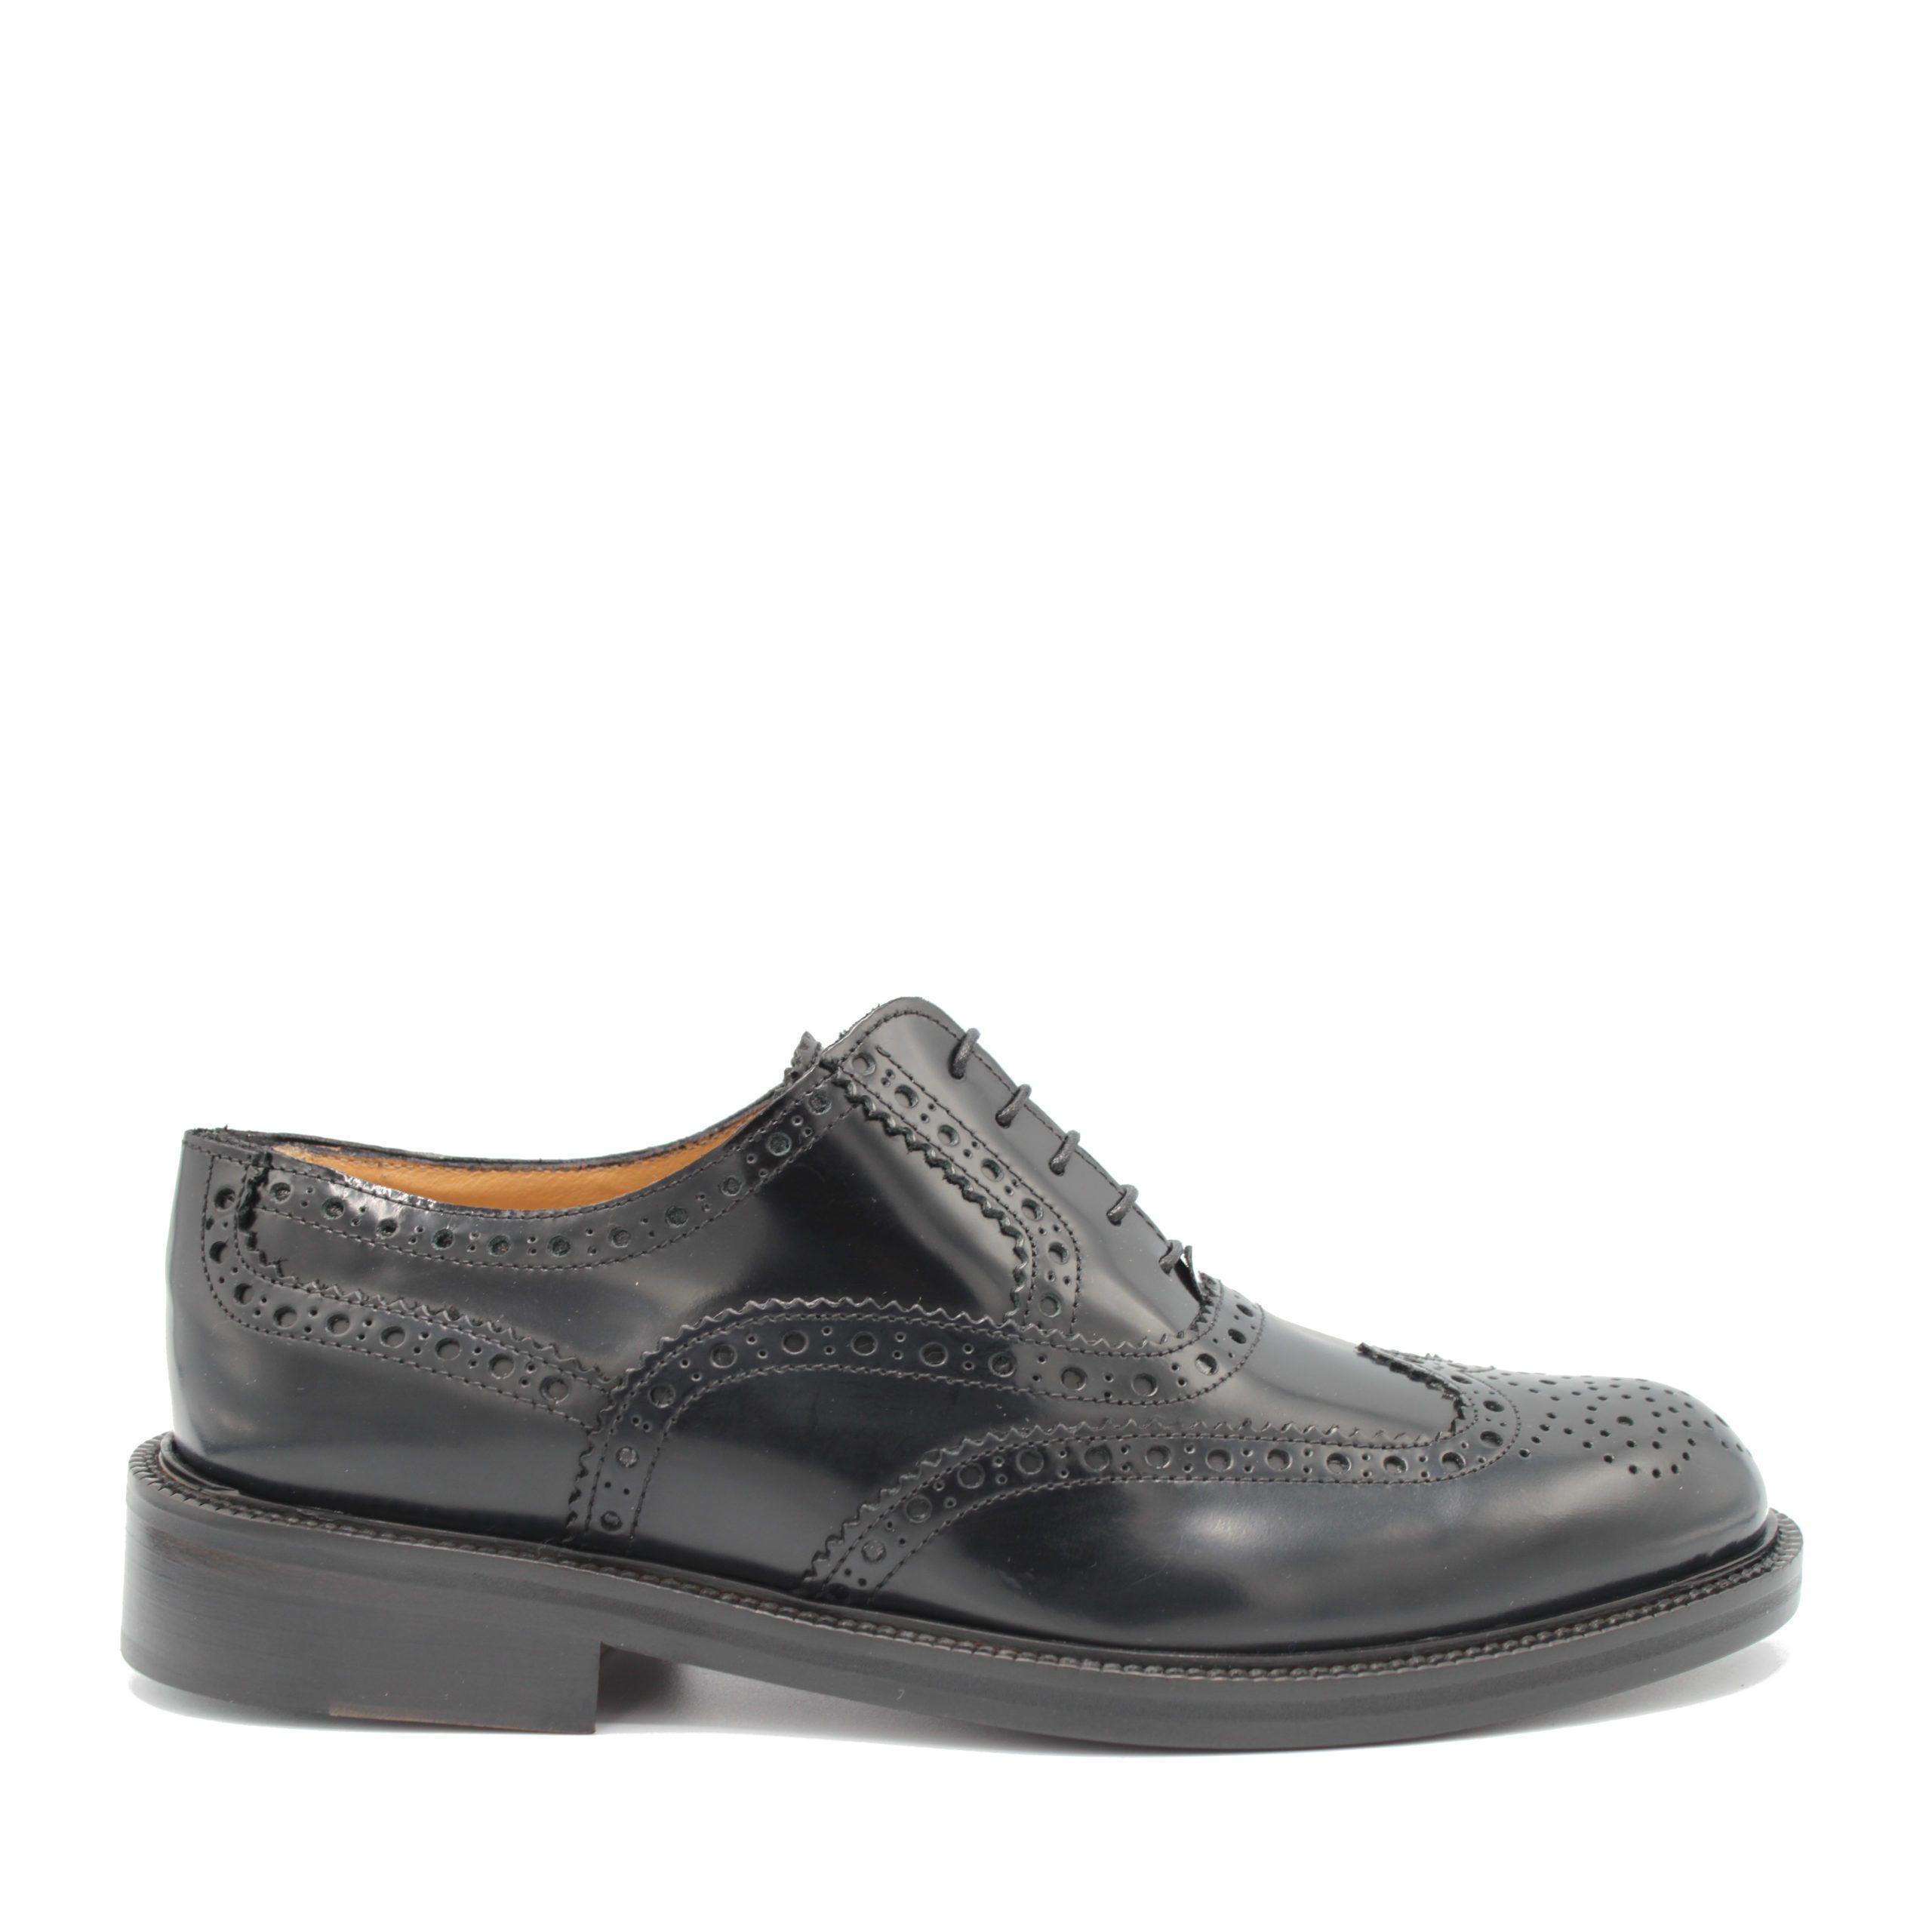 Saxone of Scotland Men's Spazzolato Leather Laced Brogue Shoe Black 080_Black - EU39.5/US6.5